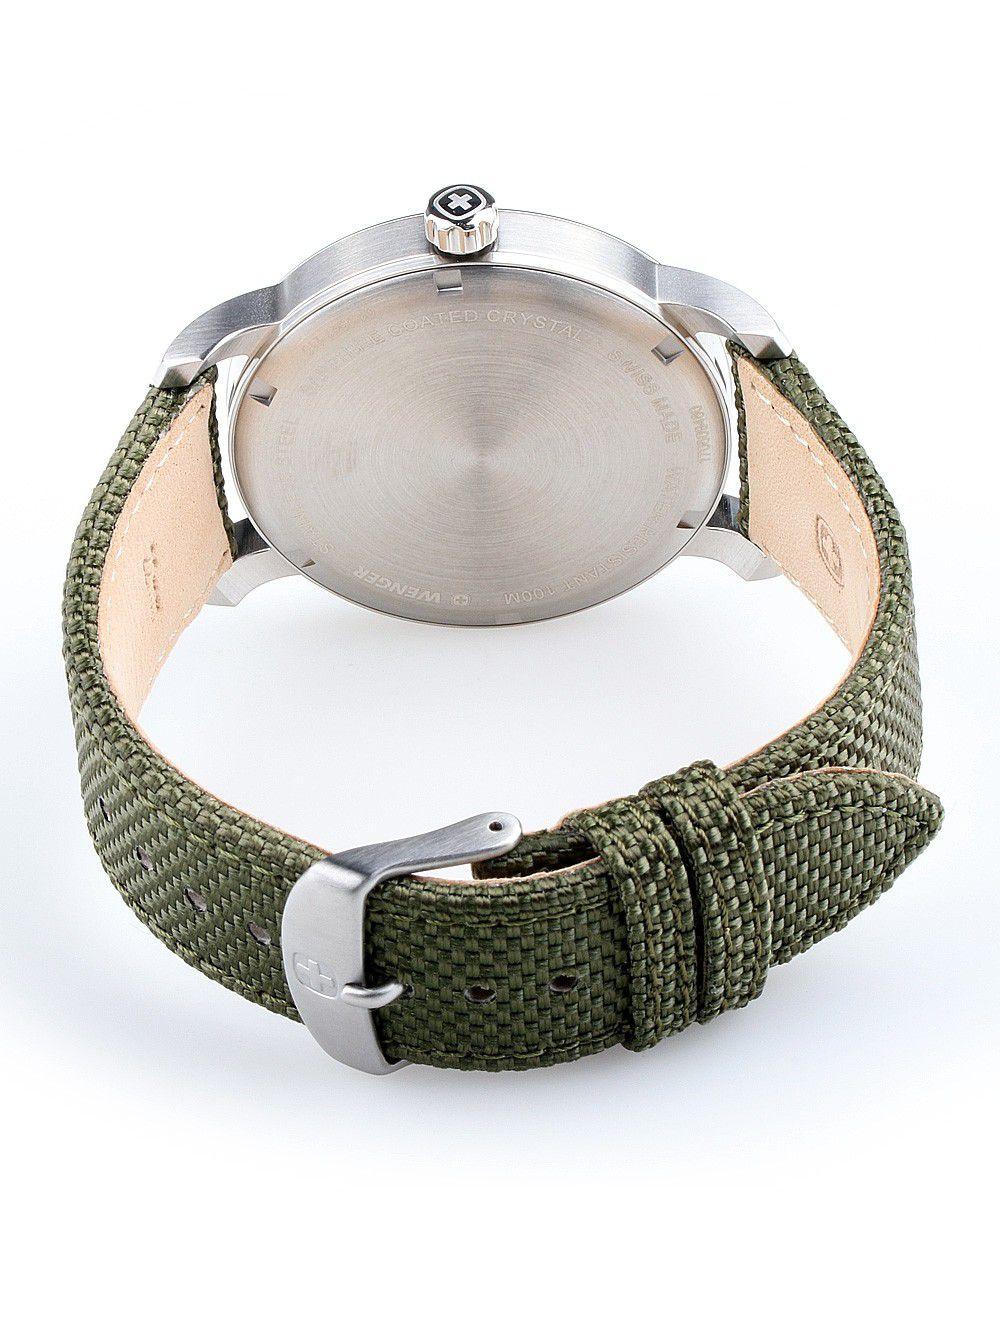 Relógio Masculino Suíço Wenger linha Atitude 42mm verde 01.1541.110  - Mix Eletro